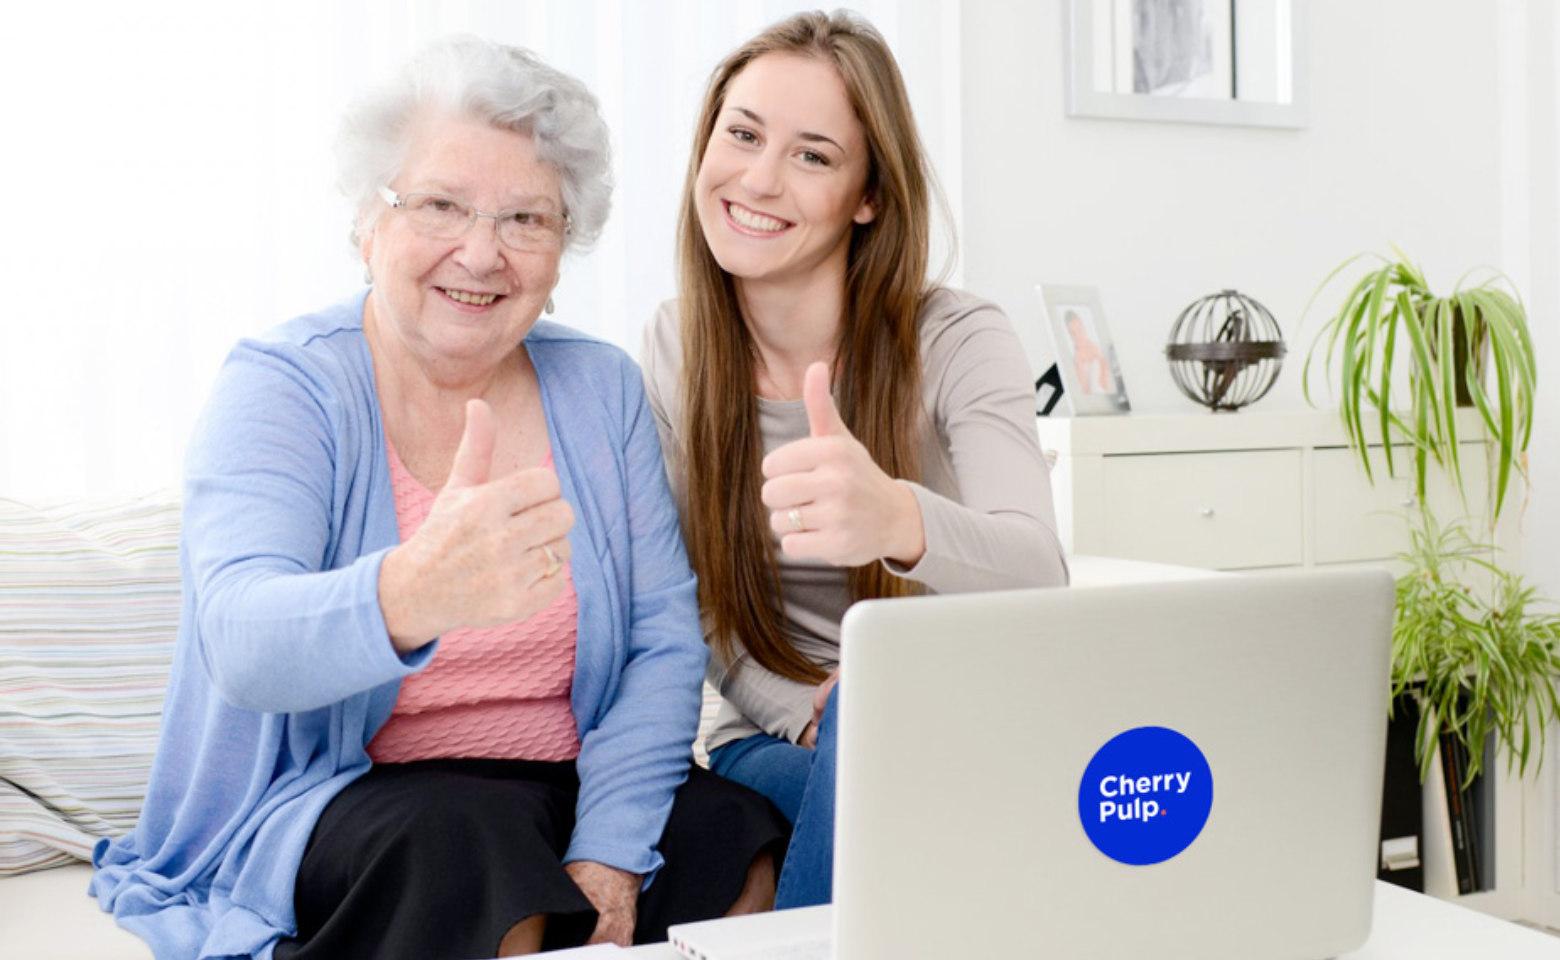 Comment fonctionne un site internet, expliqué à ta grand-mère